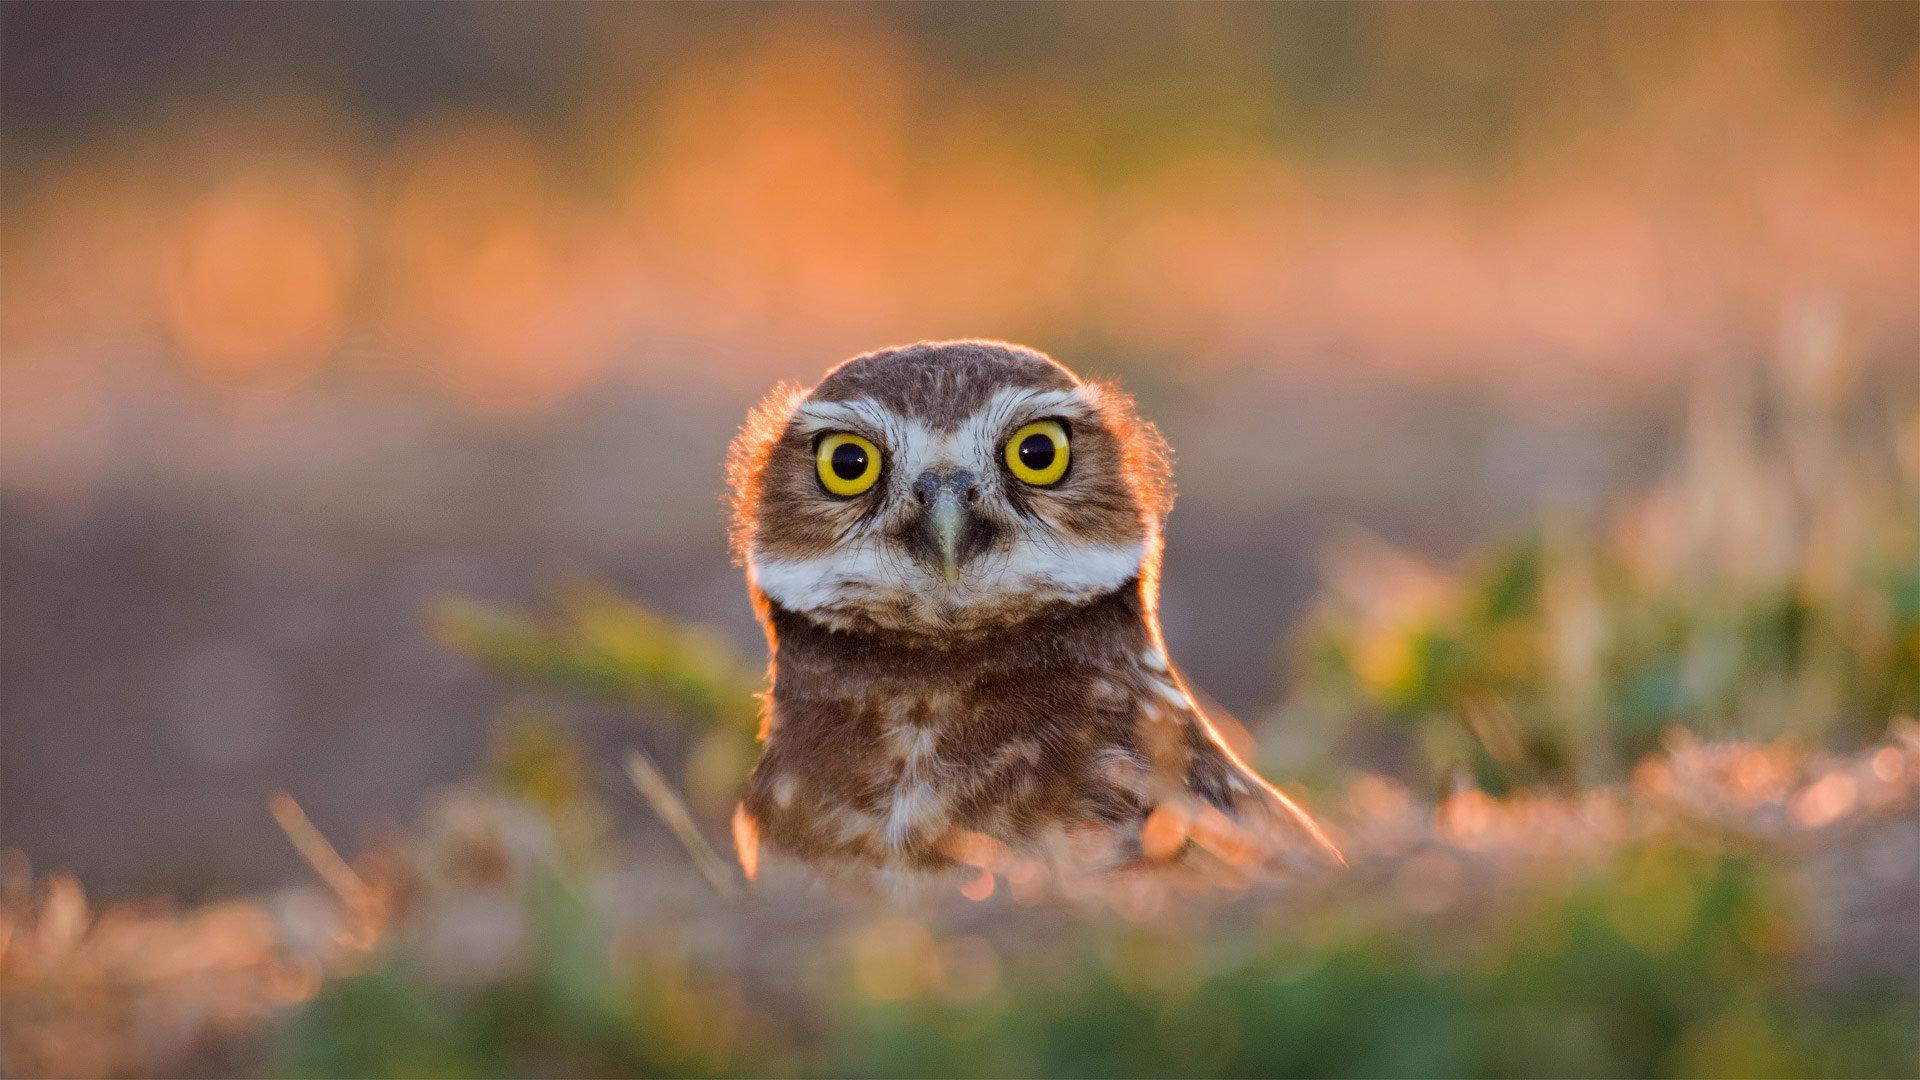 一只成年的穴居猫头鹰在日落时从洞穴中钻出来猫头鹰